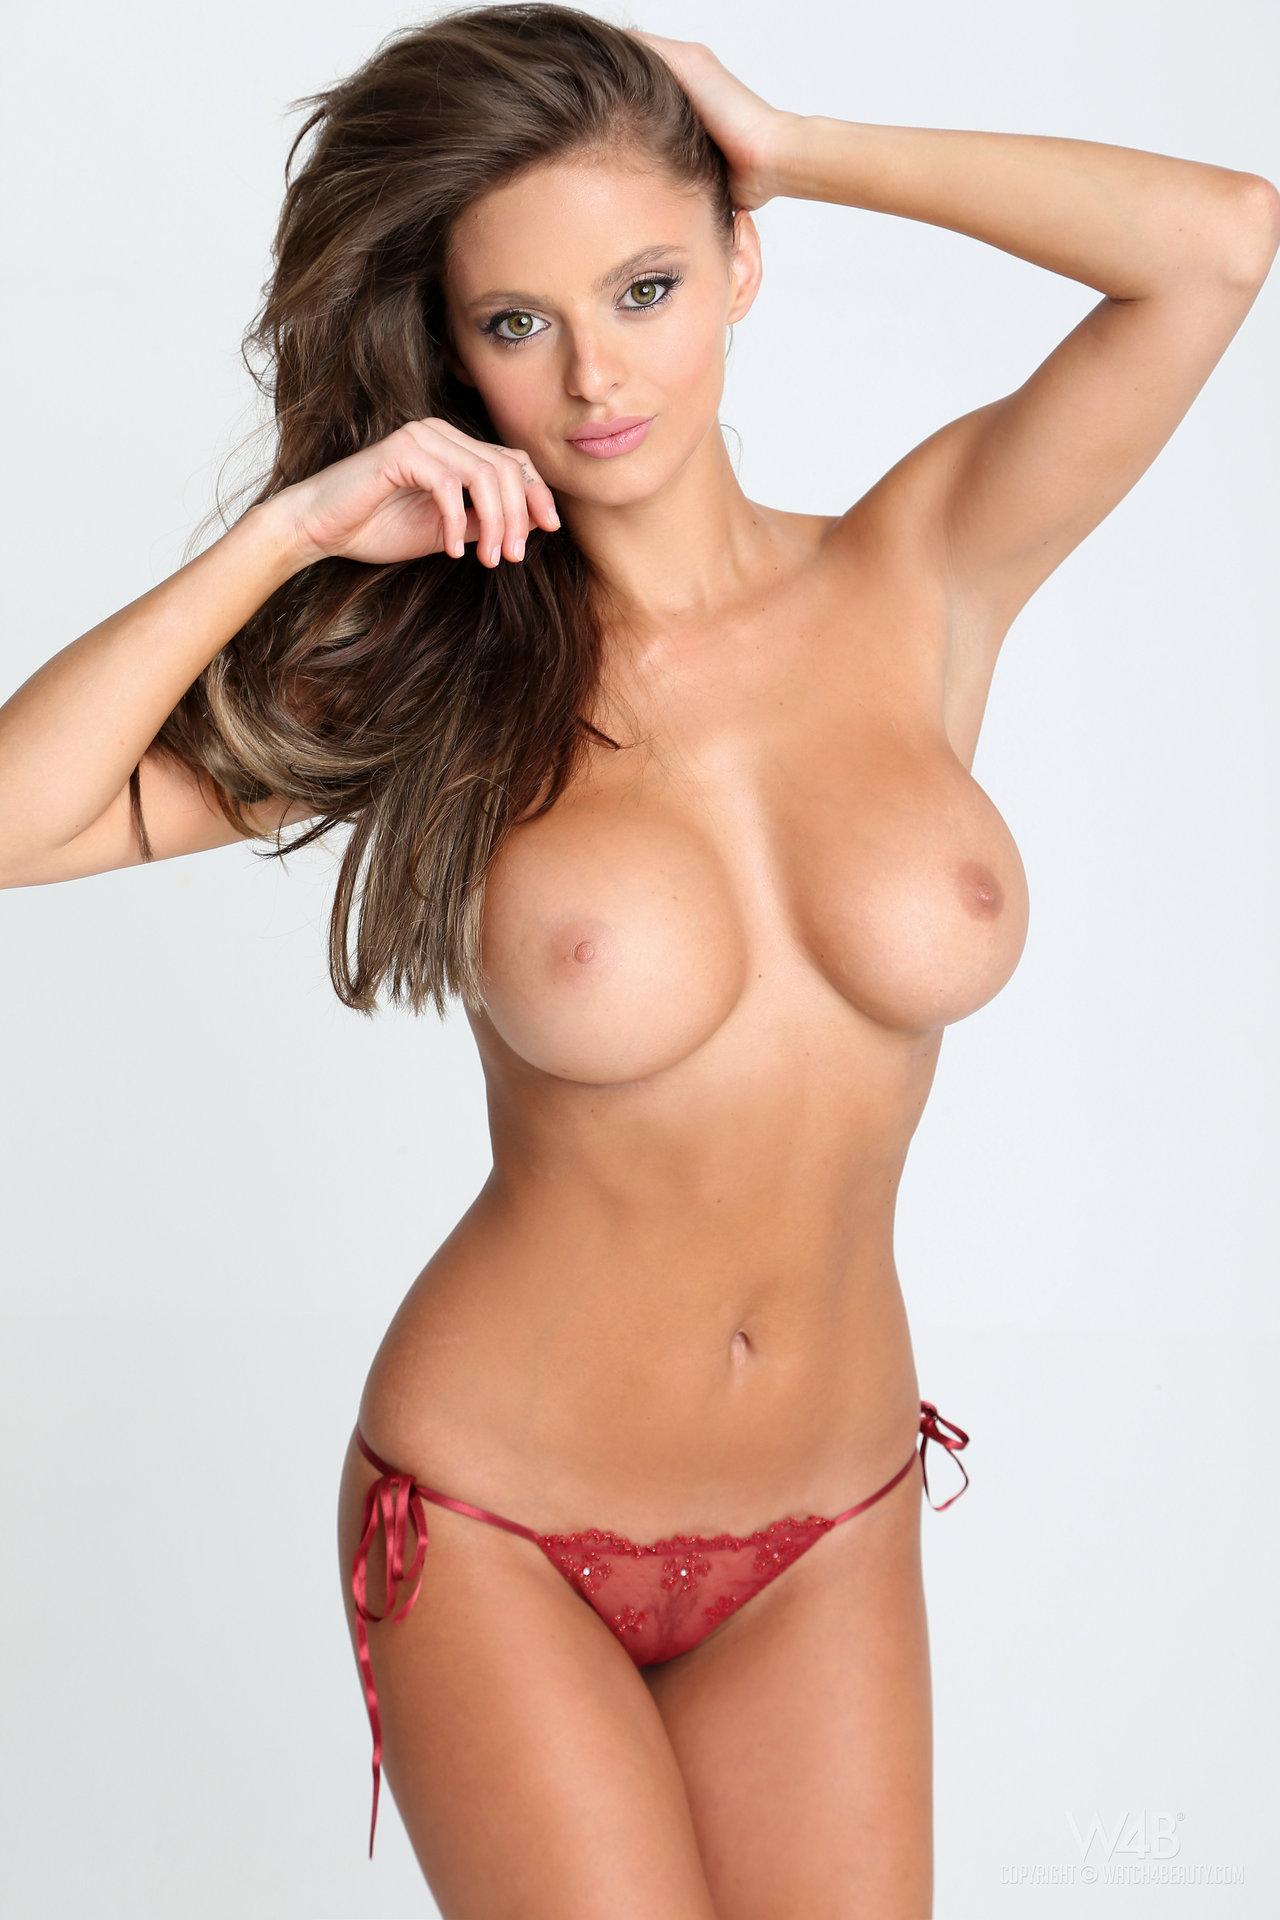 Стройные женщины большая грудь 9 фотография